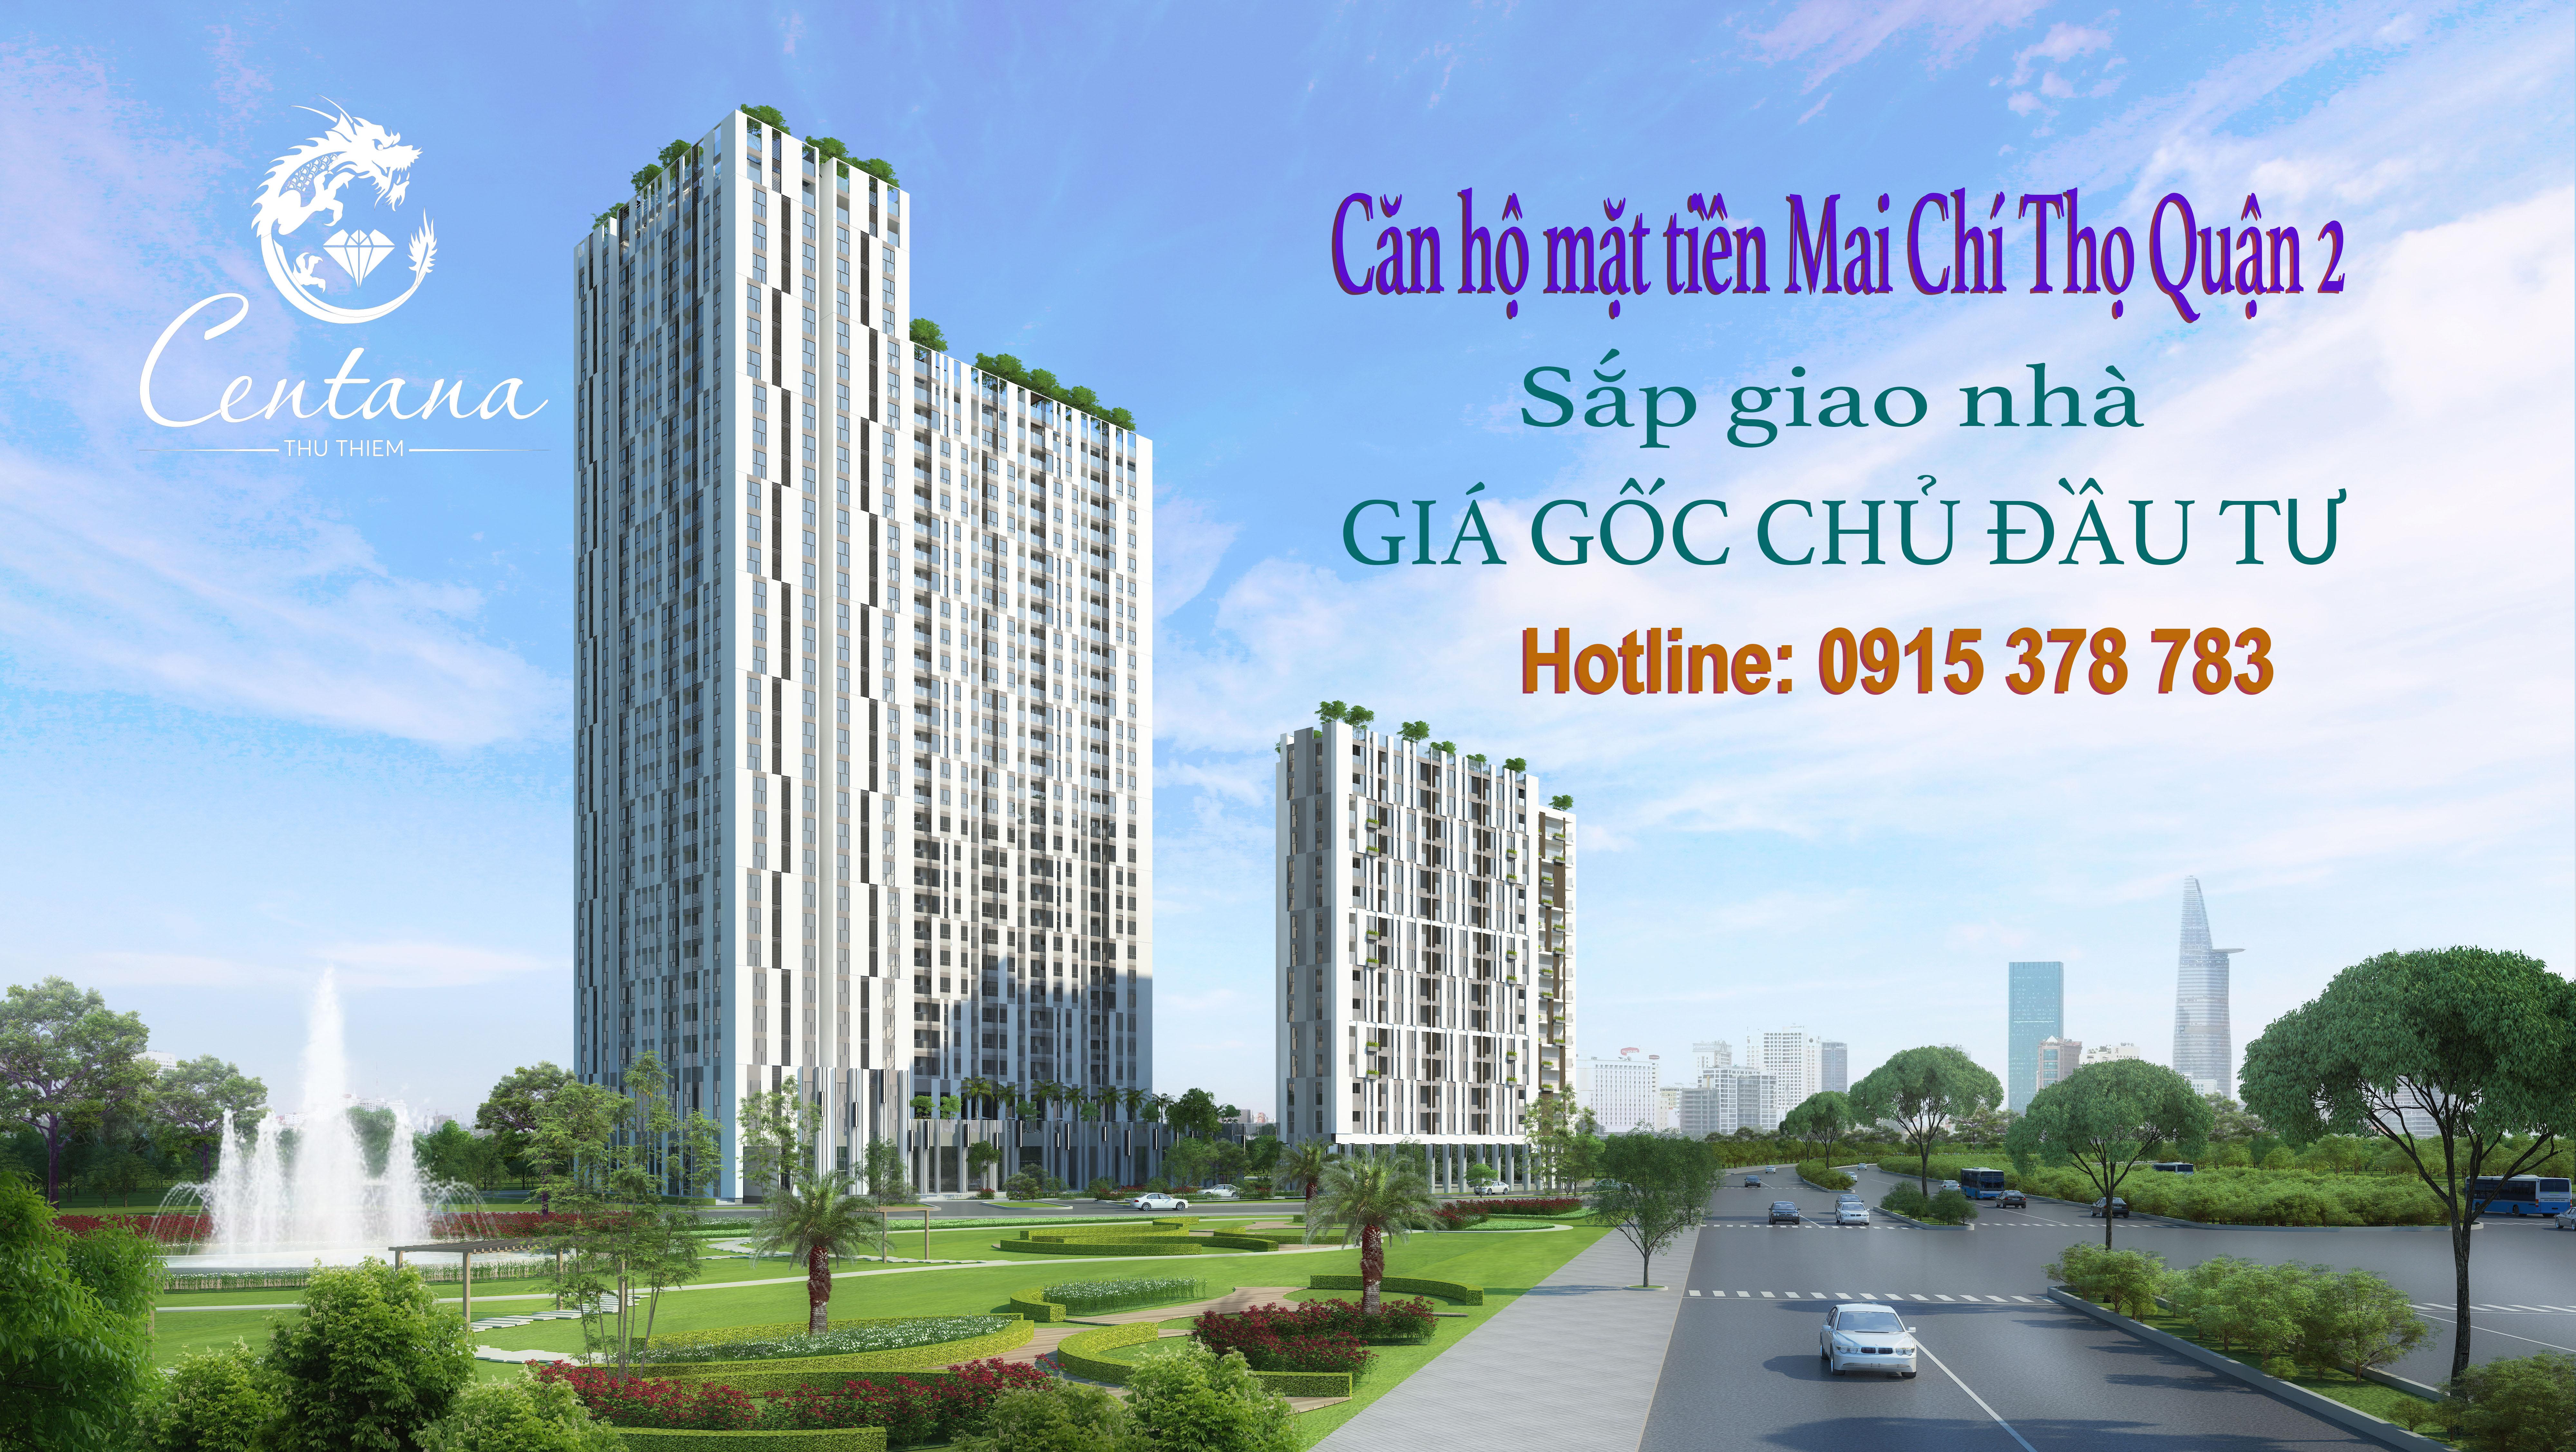 Căn hộ Centana Thủ Thiêm Q.2, sắp giao nhà, bán giá gốc chủ đầu tư